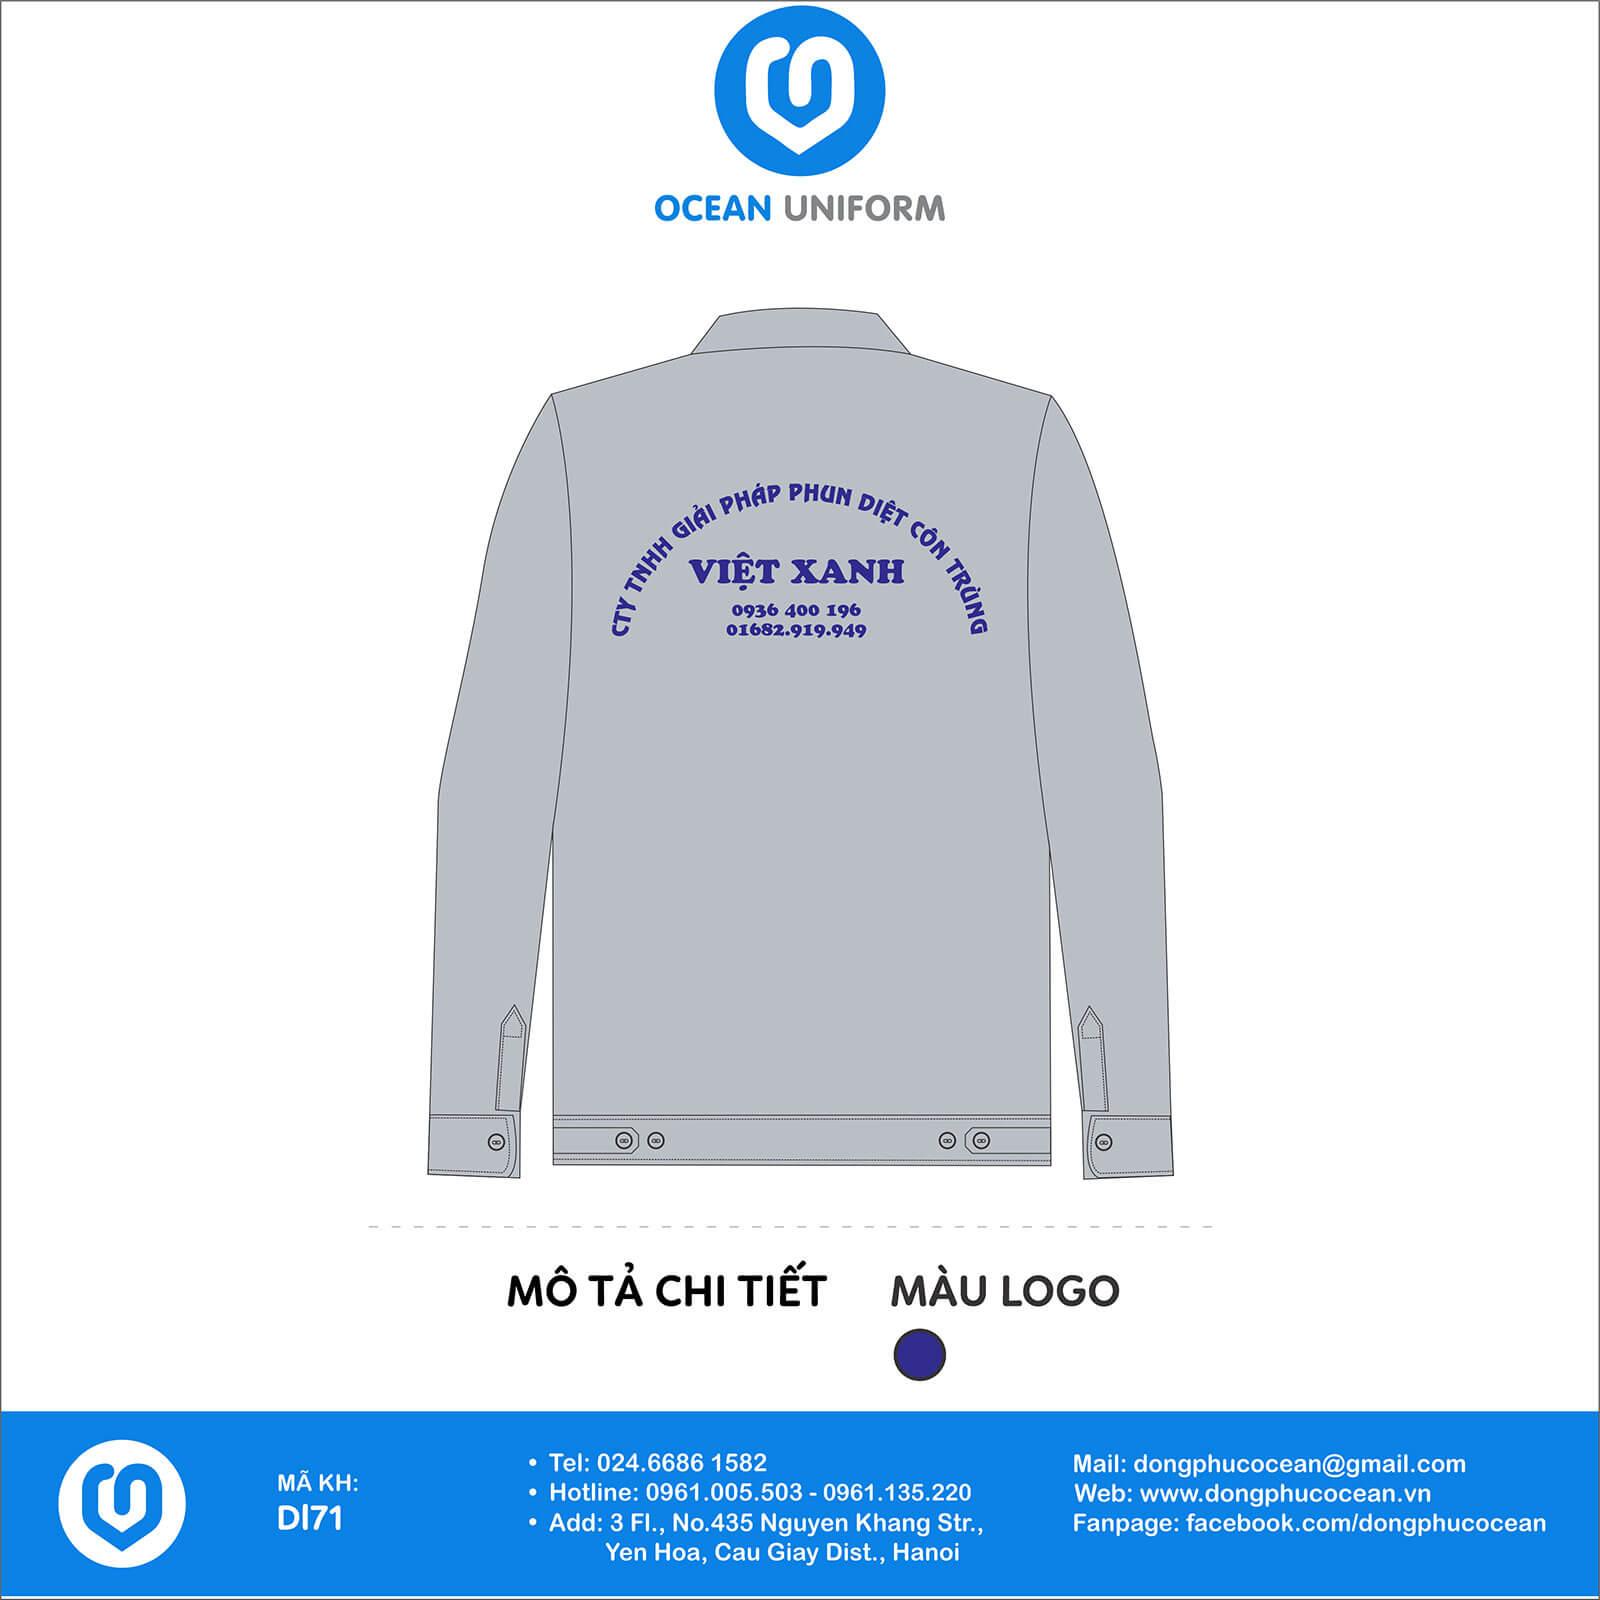 Đồng phục công nhân Công ty TNHH Việt Xanh mặt sau